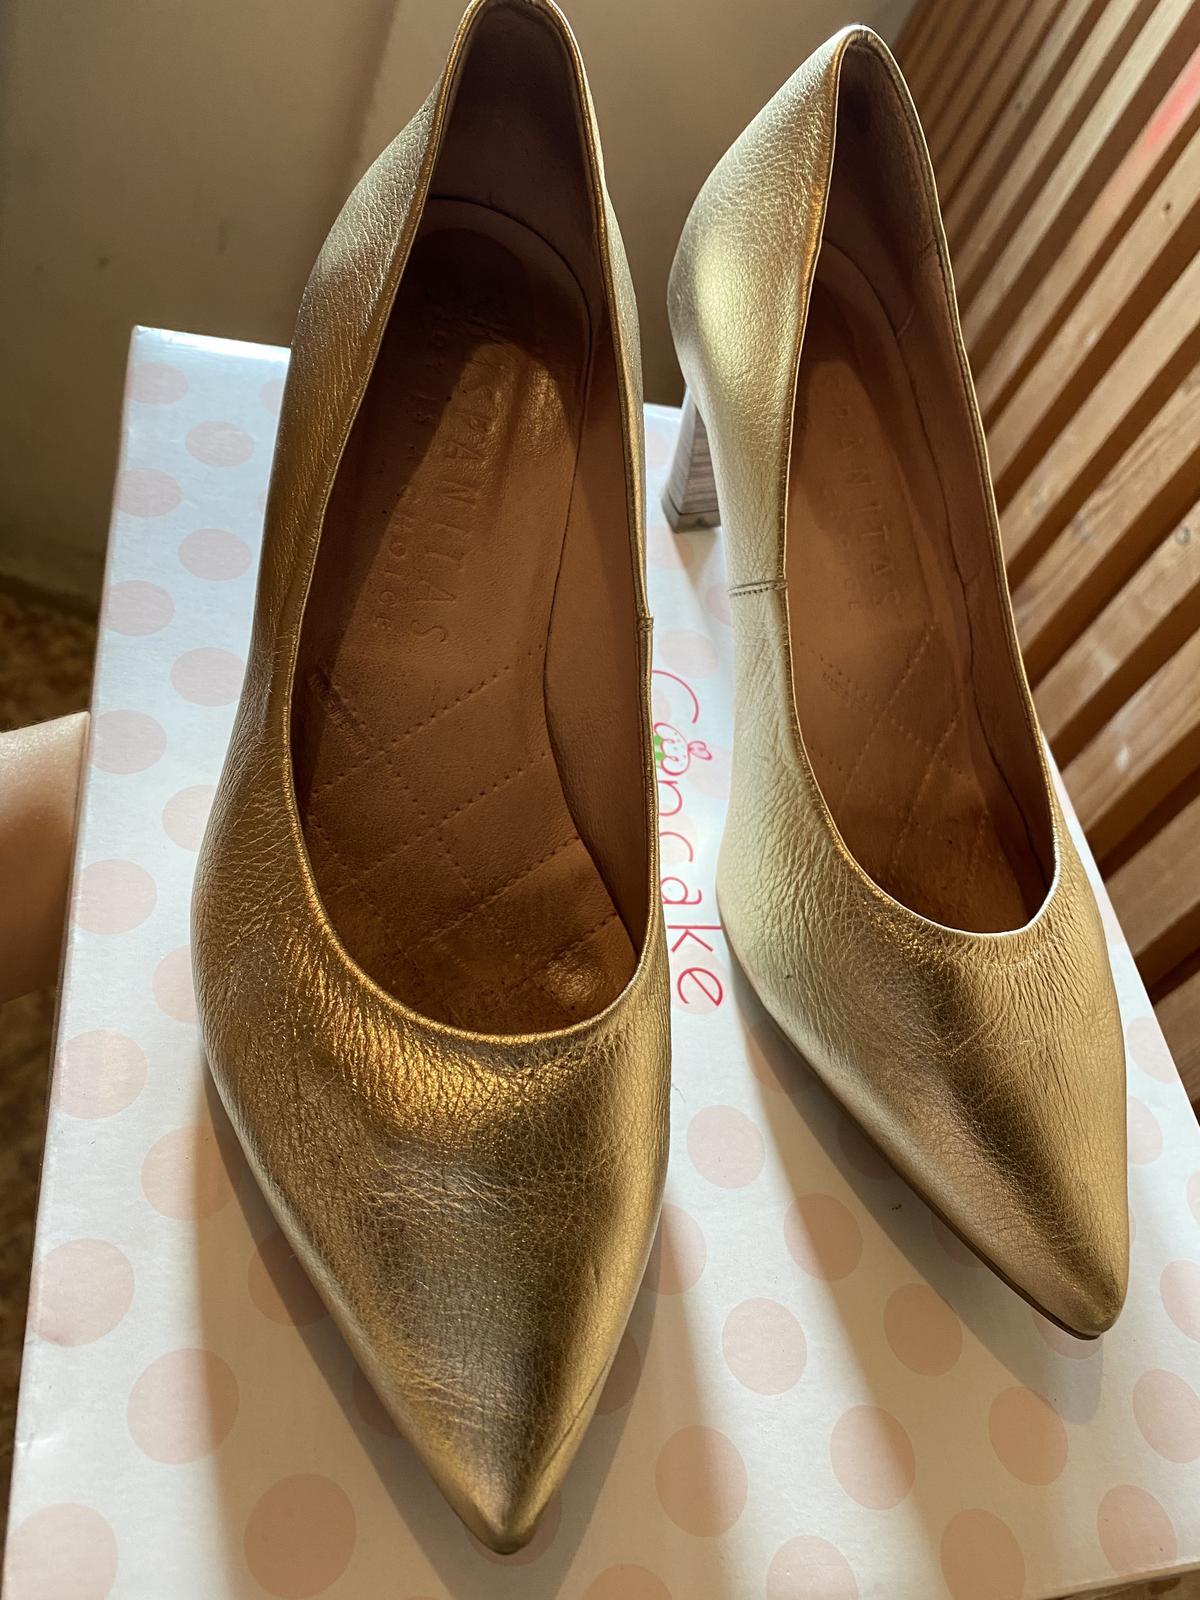 Svadobné topánky HISPANITAS - Obrázok č. 1